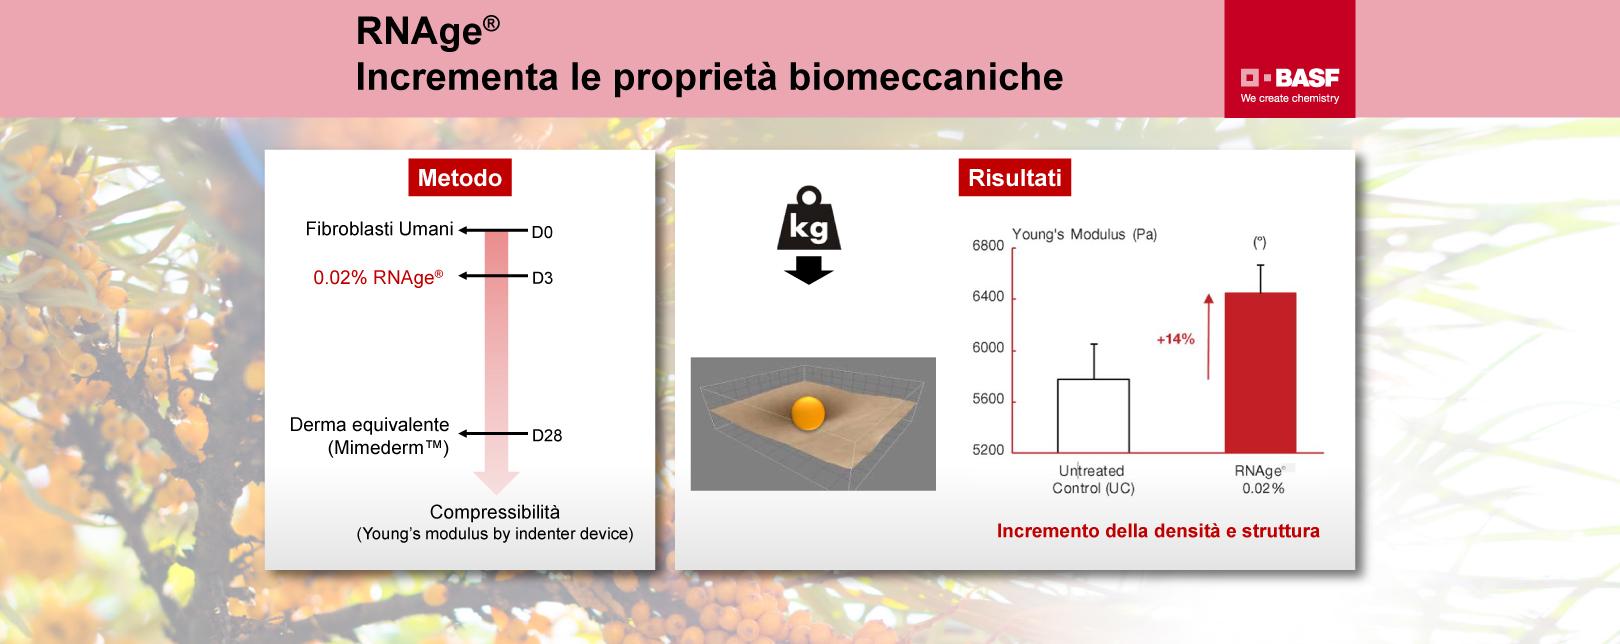 RNAge-incrementa-le-proprieta-biomeccaniche